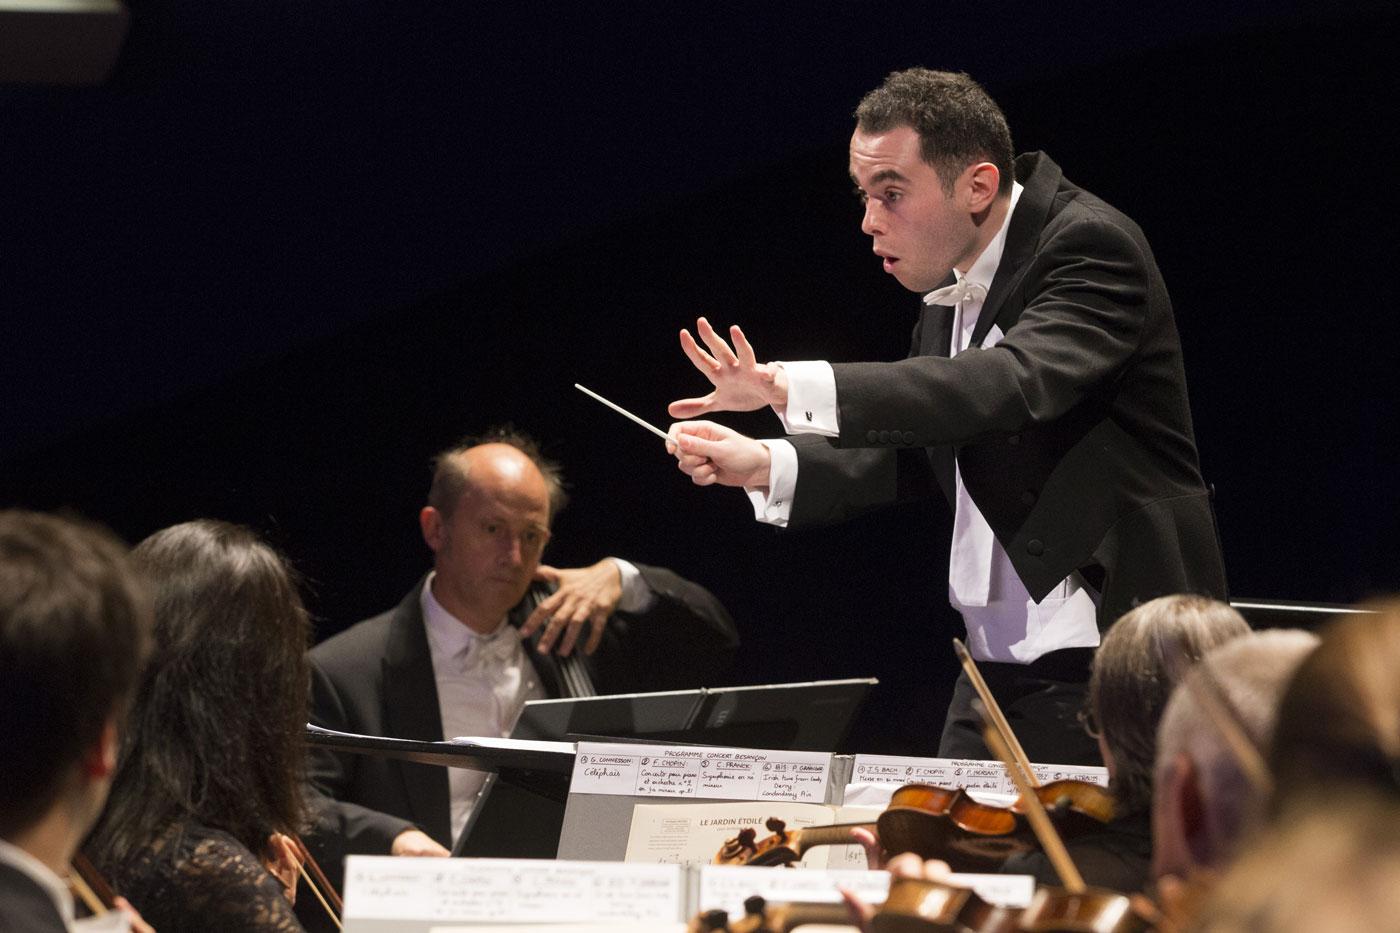 Ben Glassberg nommé chef principal du Glyndebourne Tour